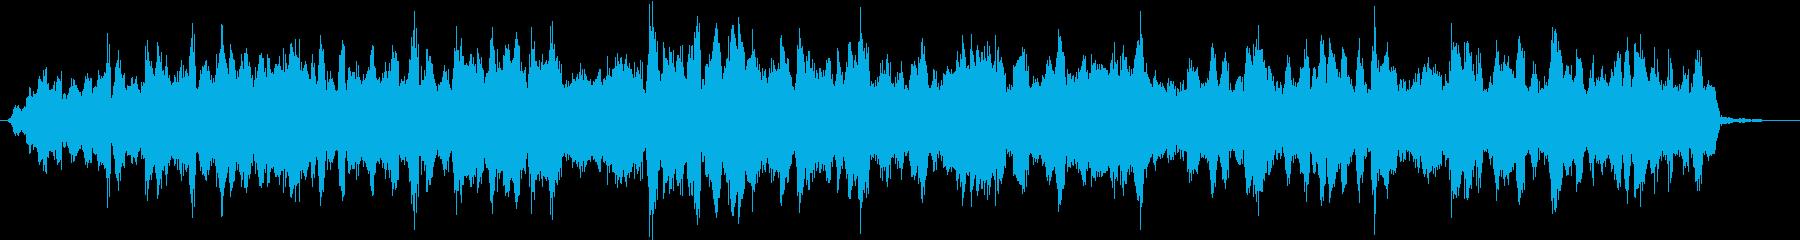 シーン|宇宙からの通信が途絶えた感じ Bの再生済みの波形